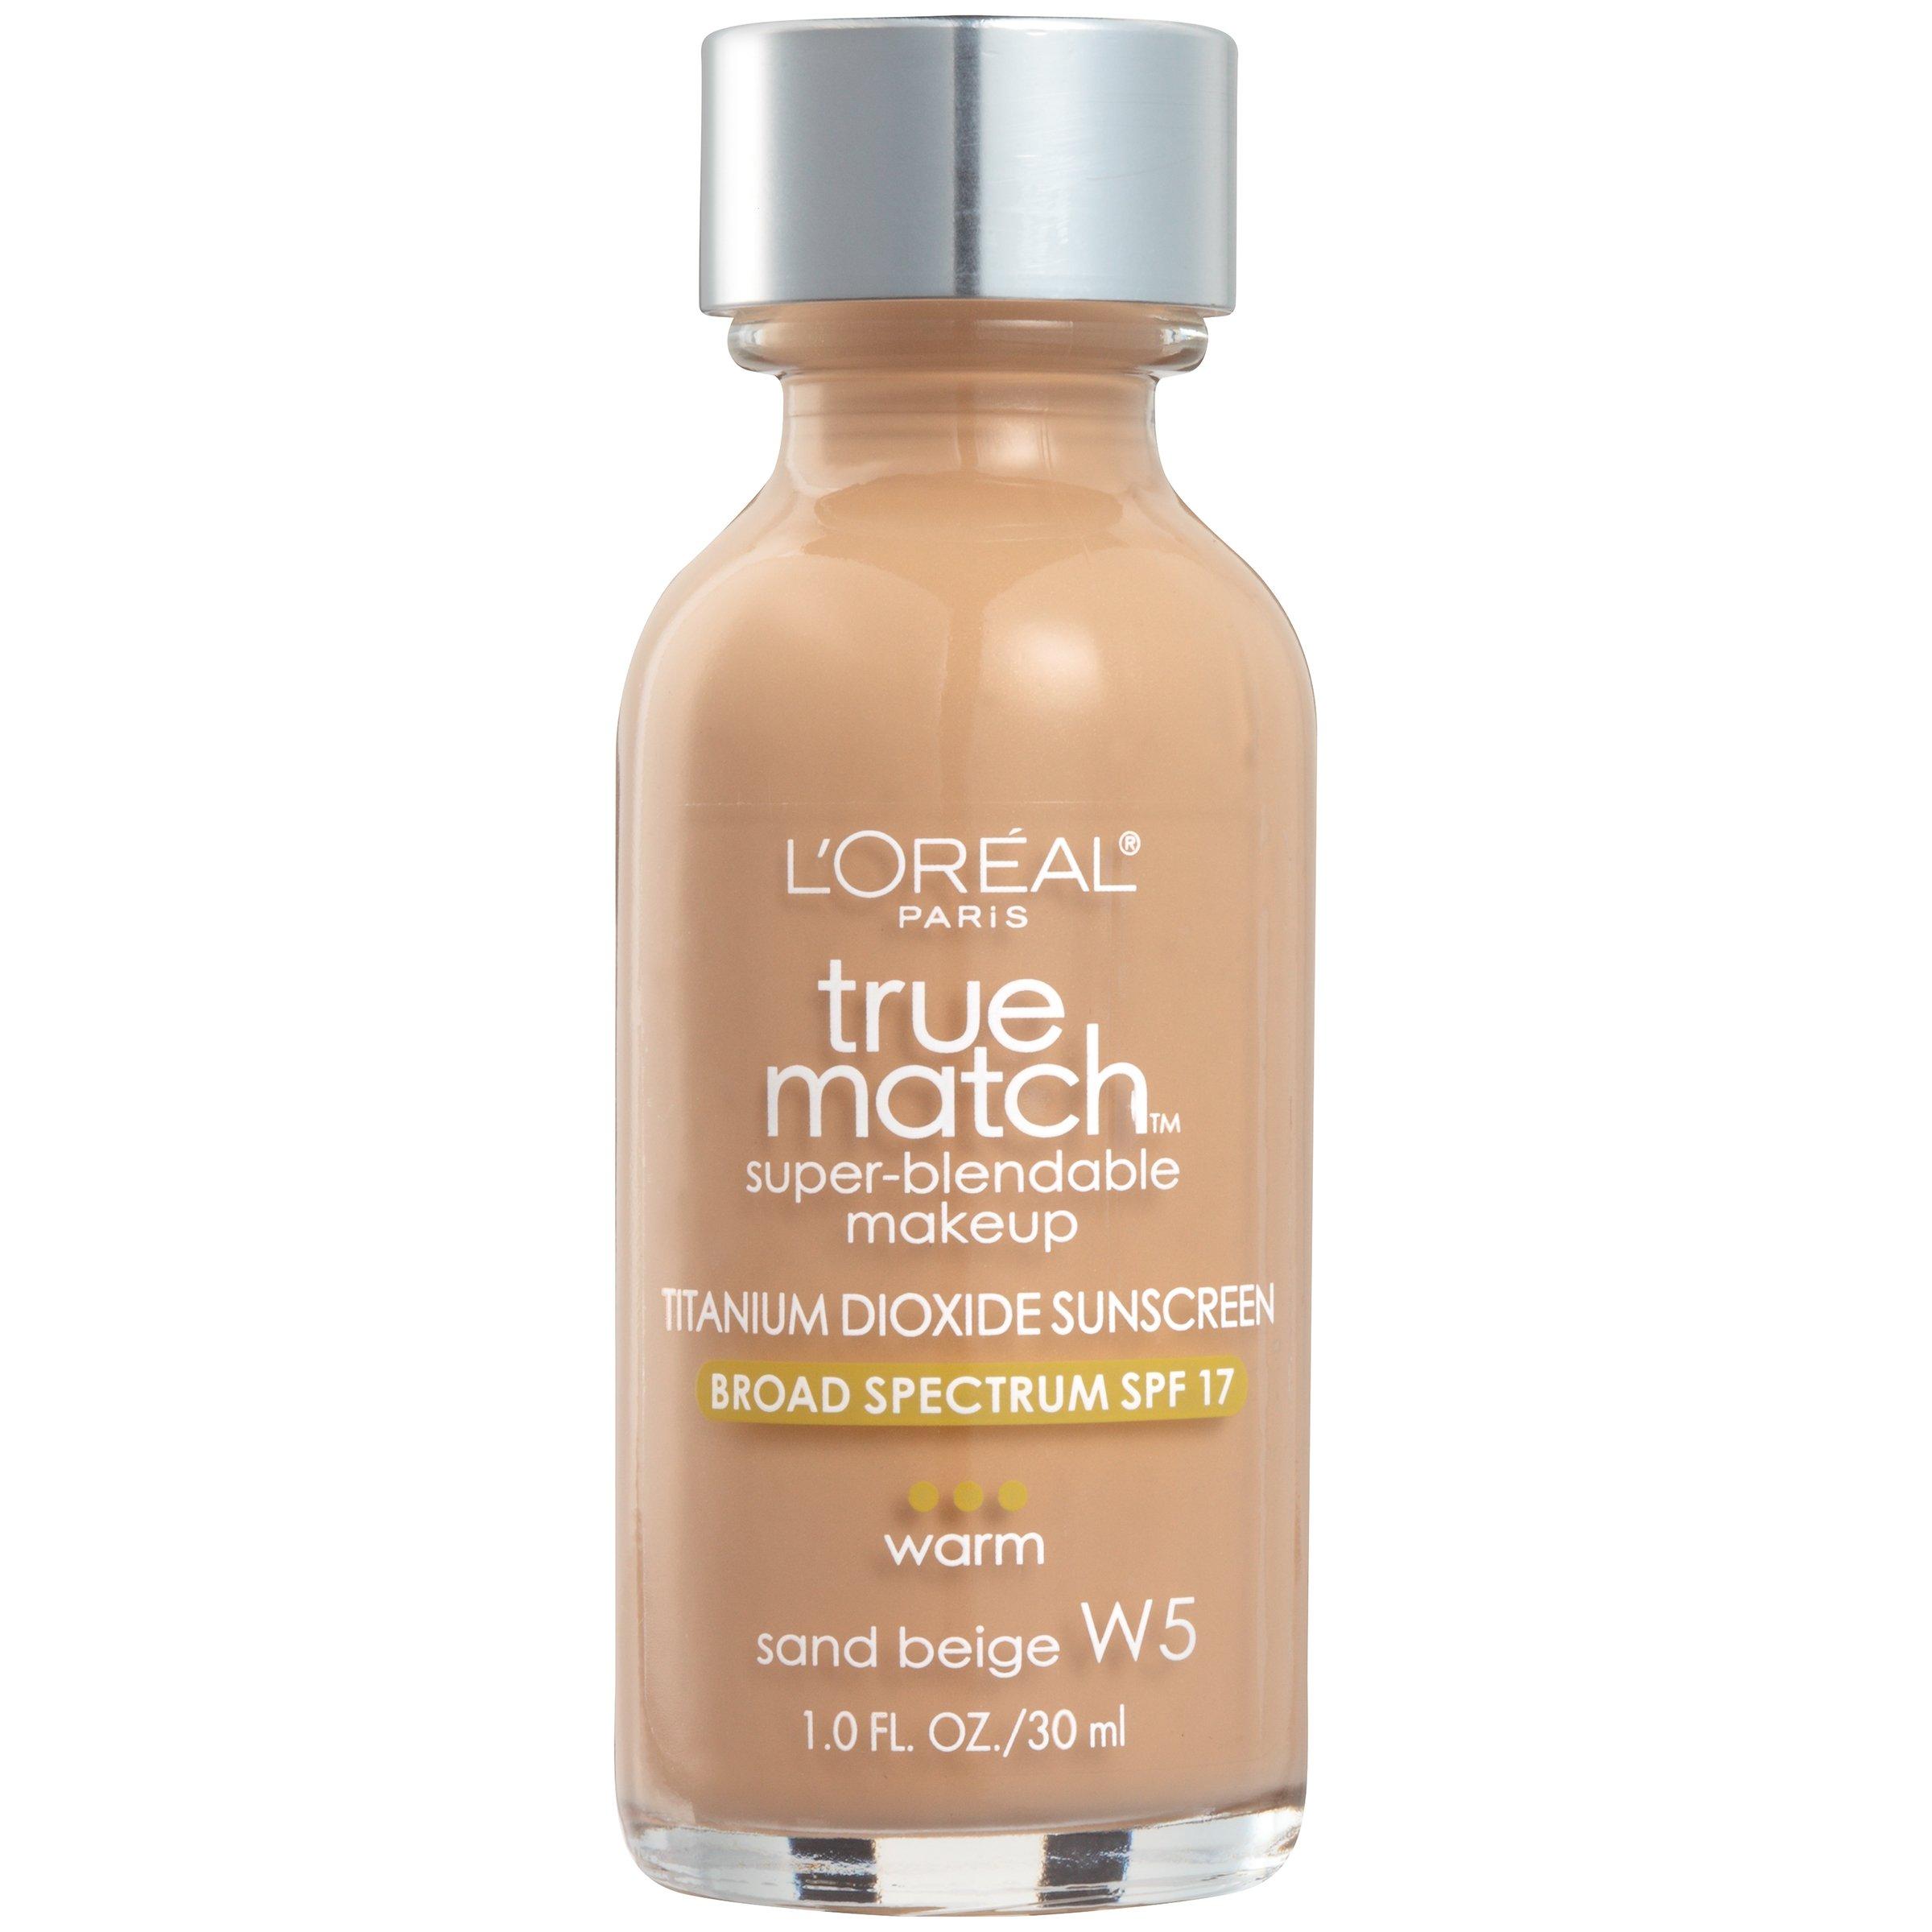 L'Oreal Paris Makeup True Match Super-Blendable Liquid Foundation, Sand Beige W5, 1 Fl Oz,1 Count